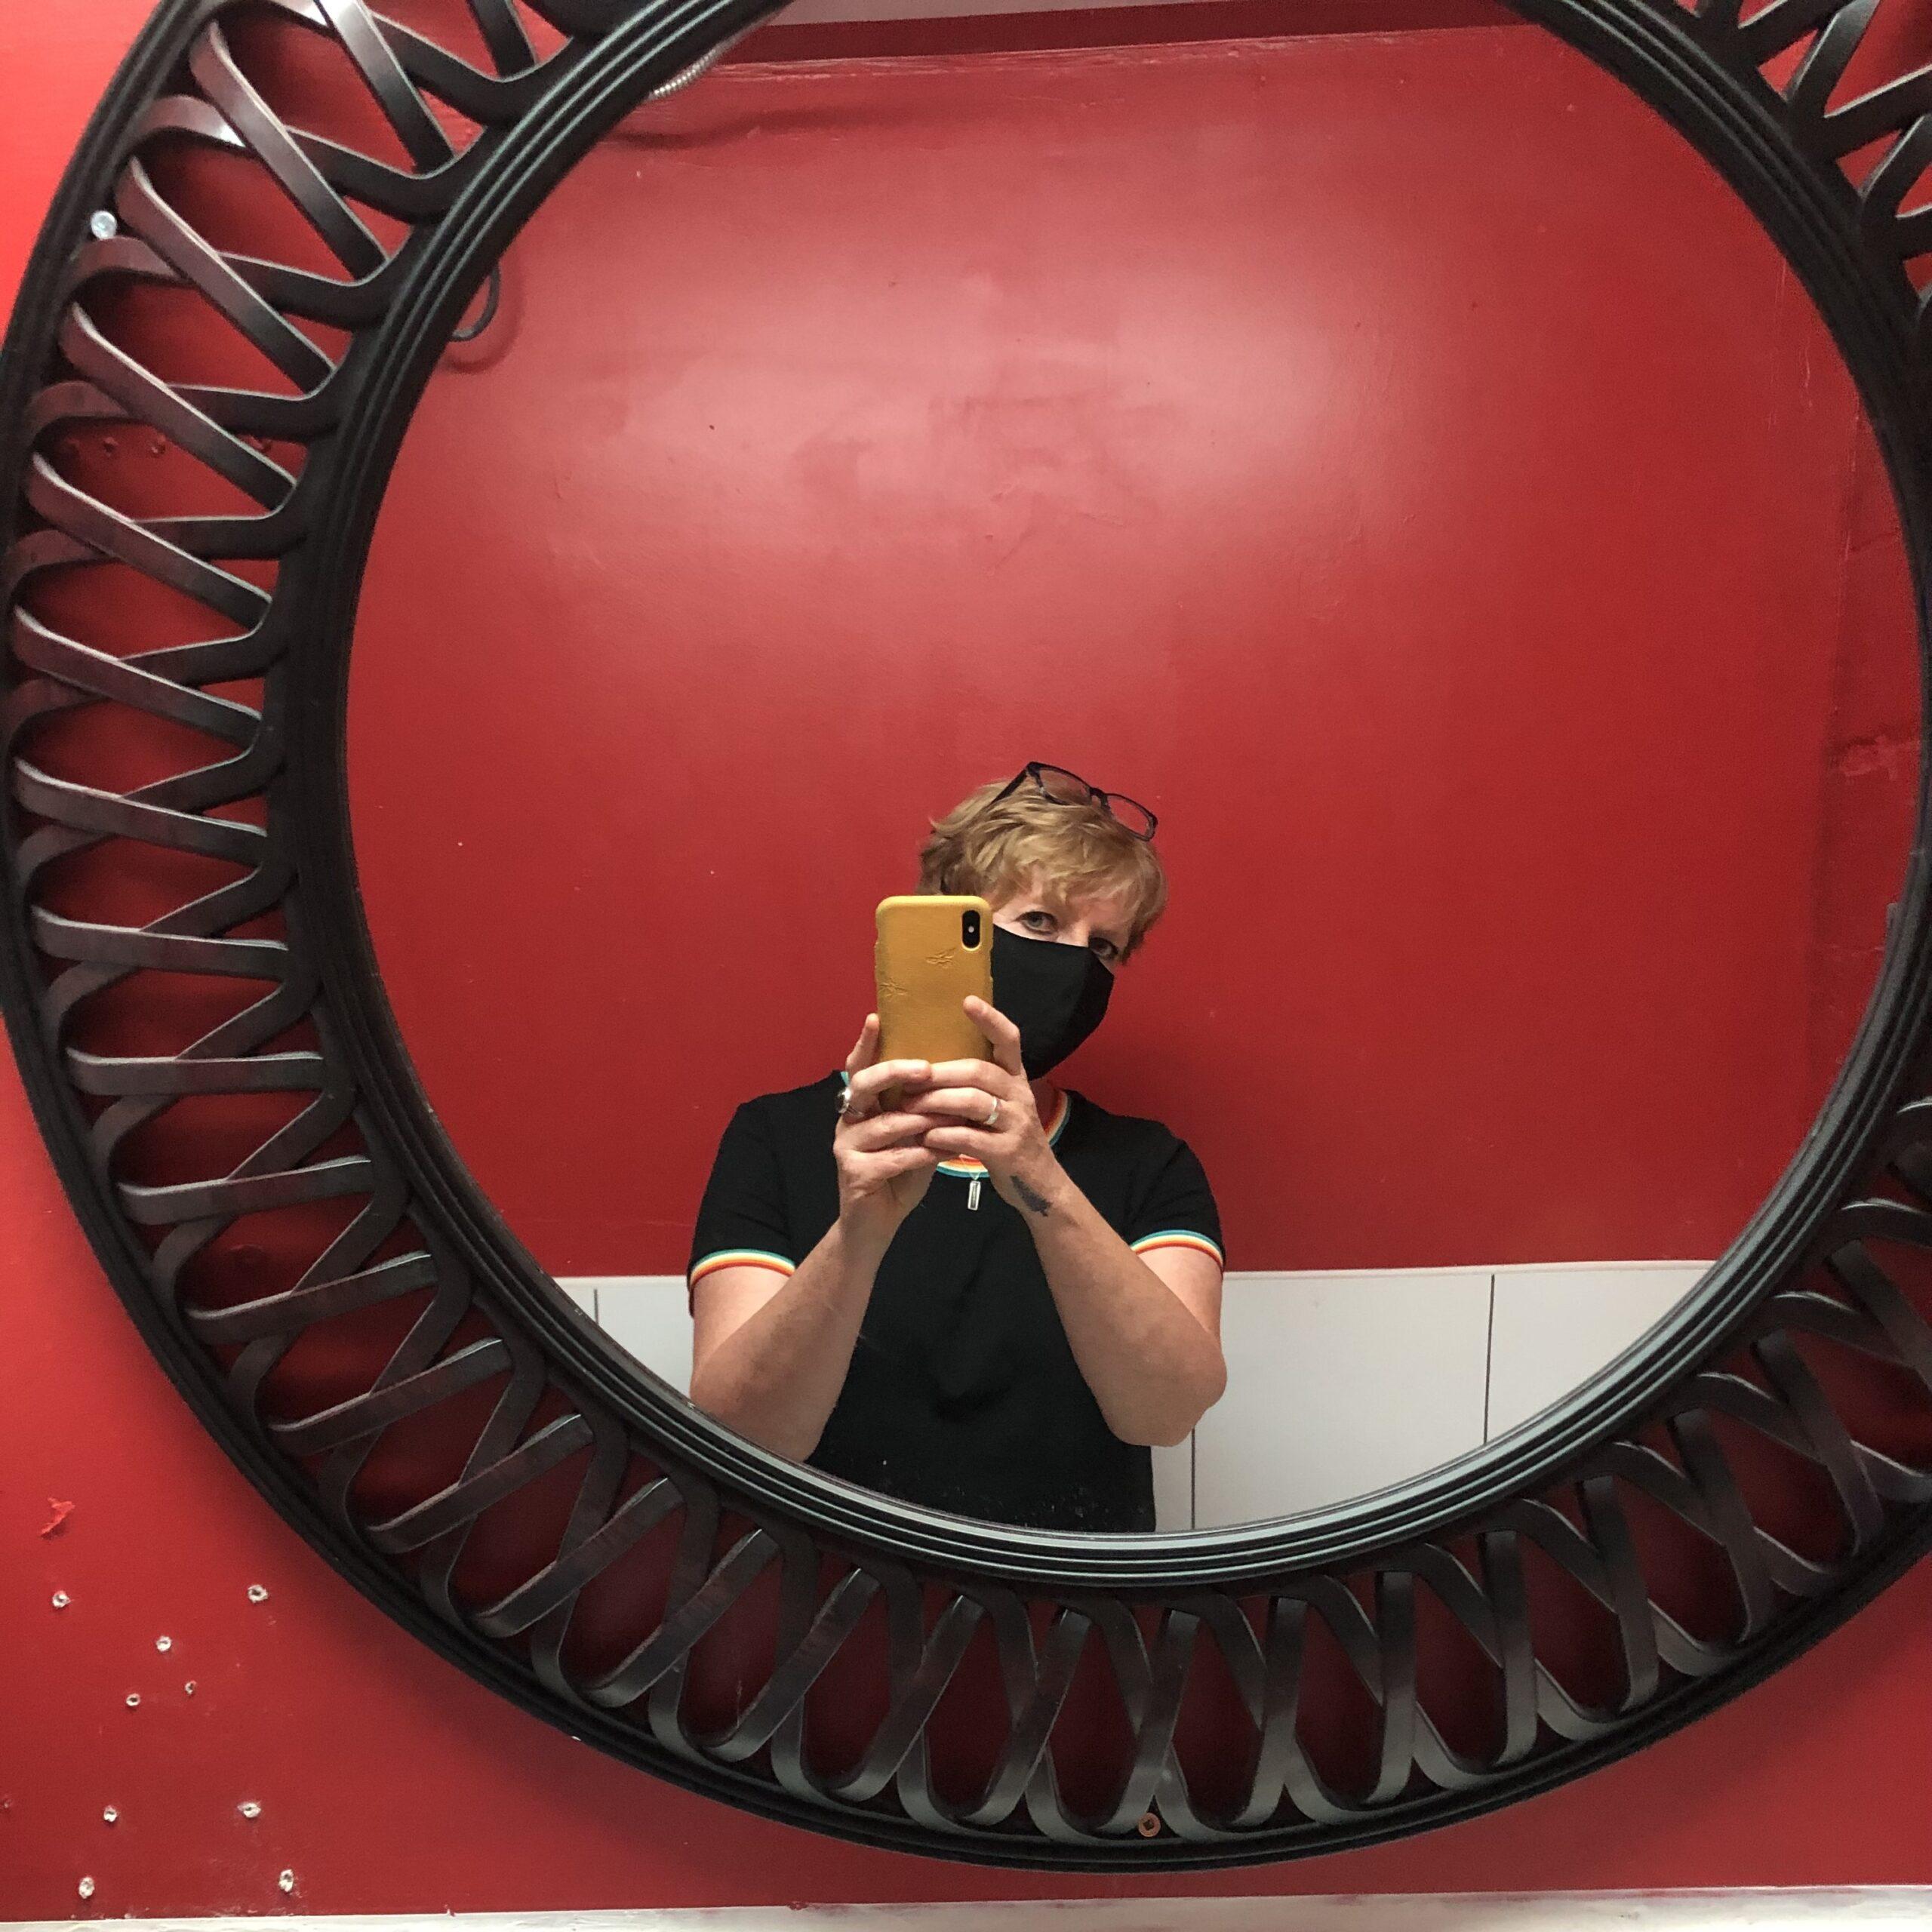 kf-mirrorsquare